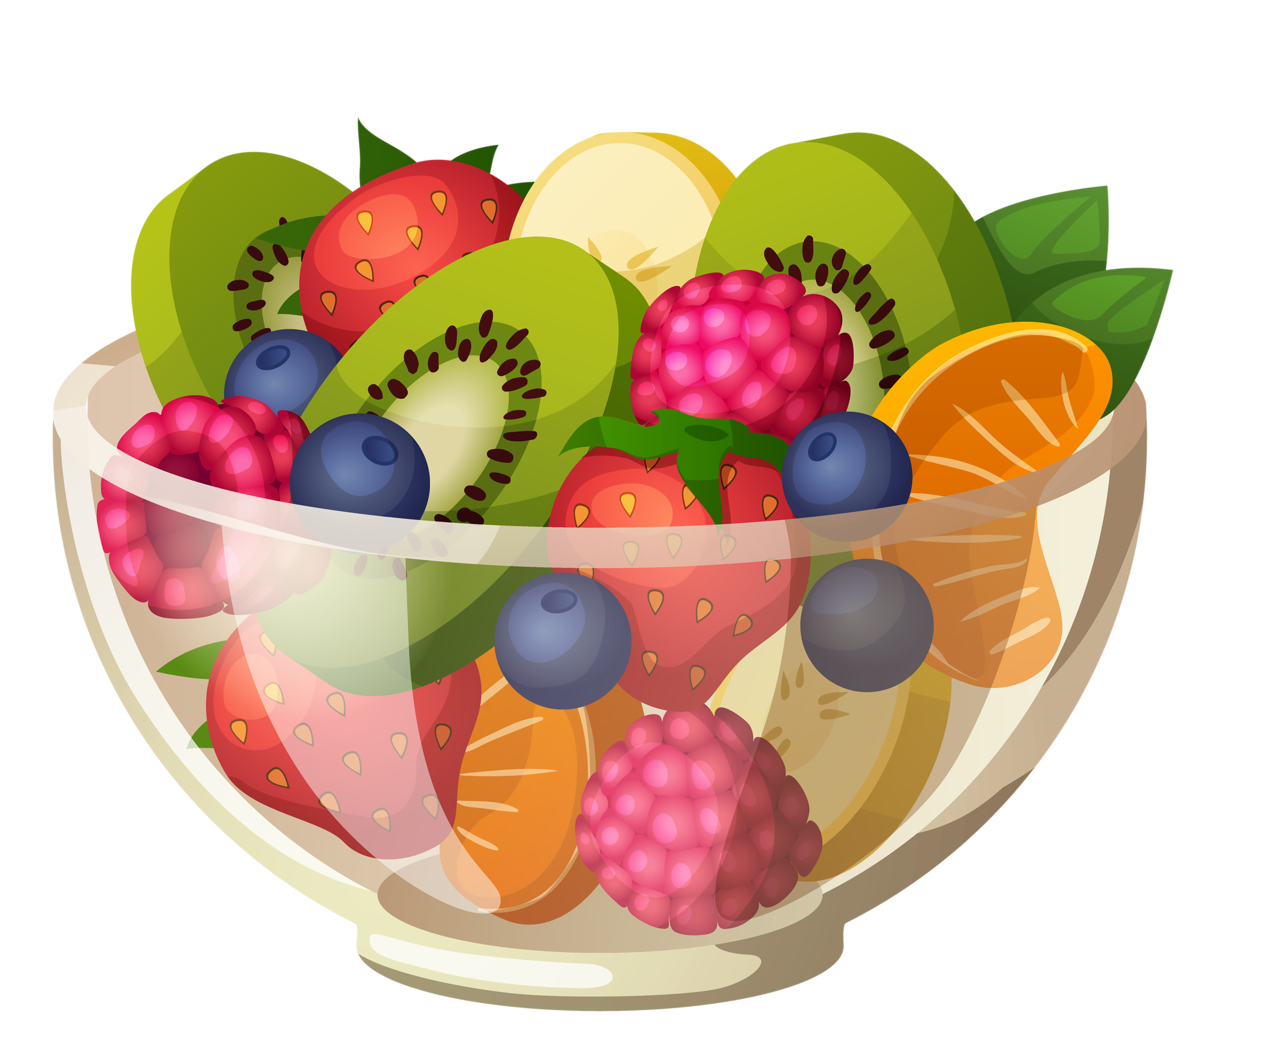 Strawberries clipart freshness. Shutterstock png pinterest clip